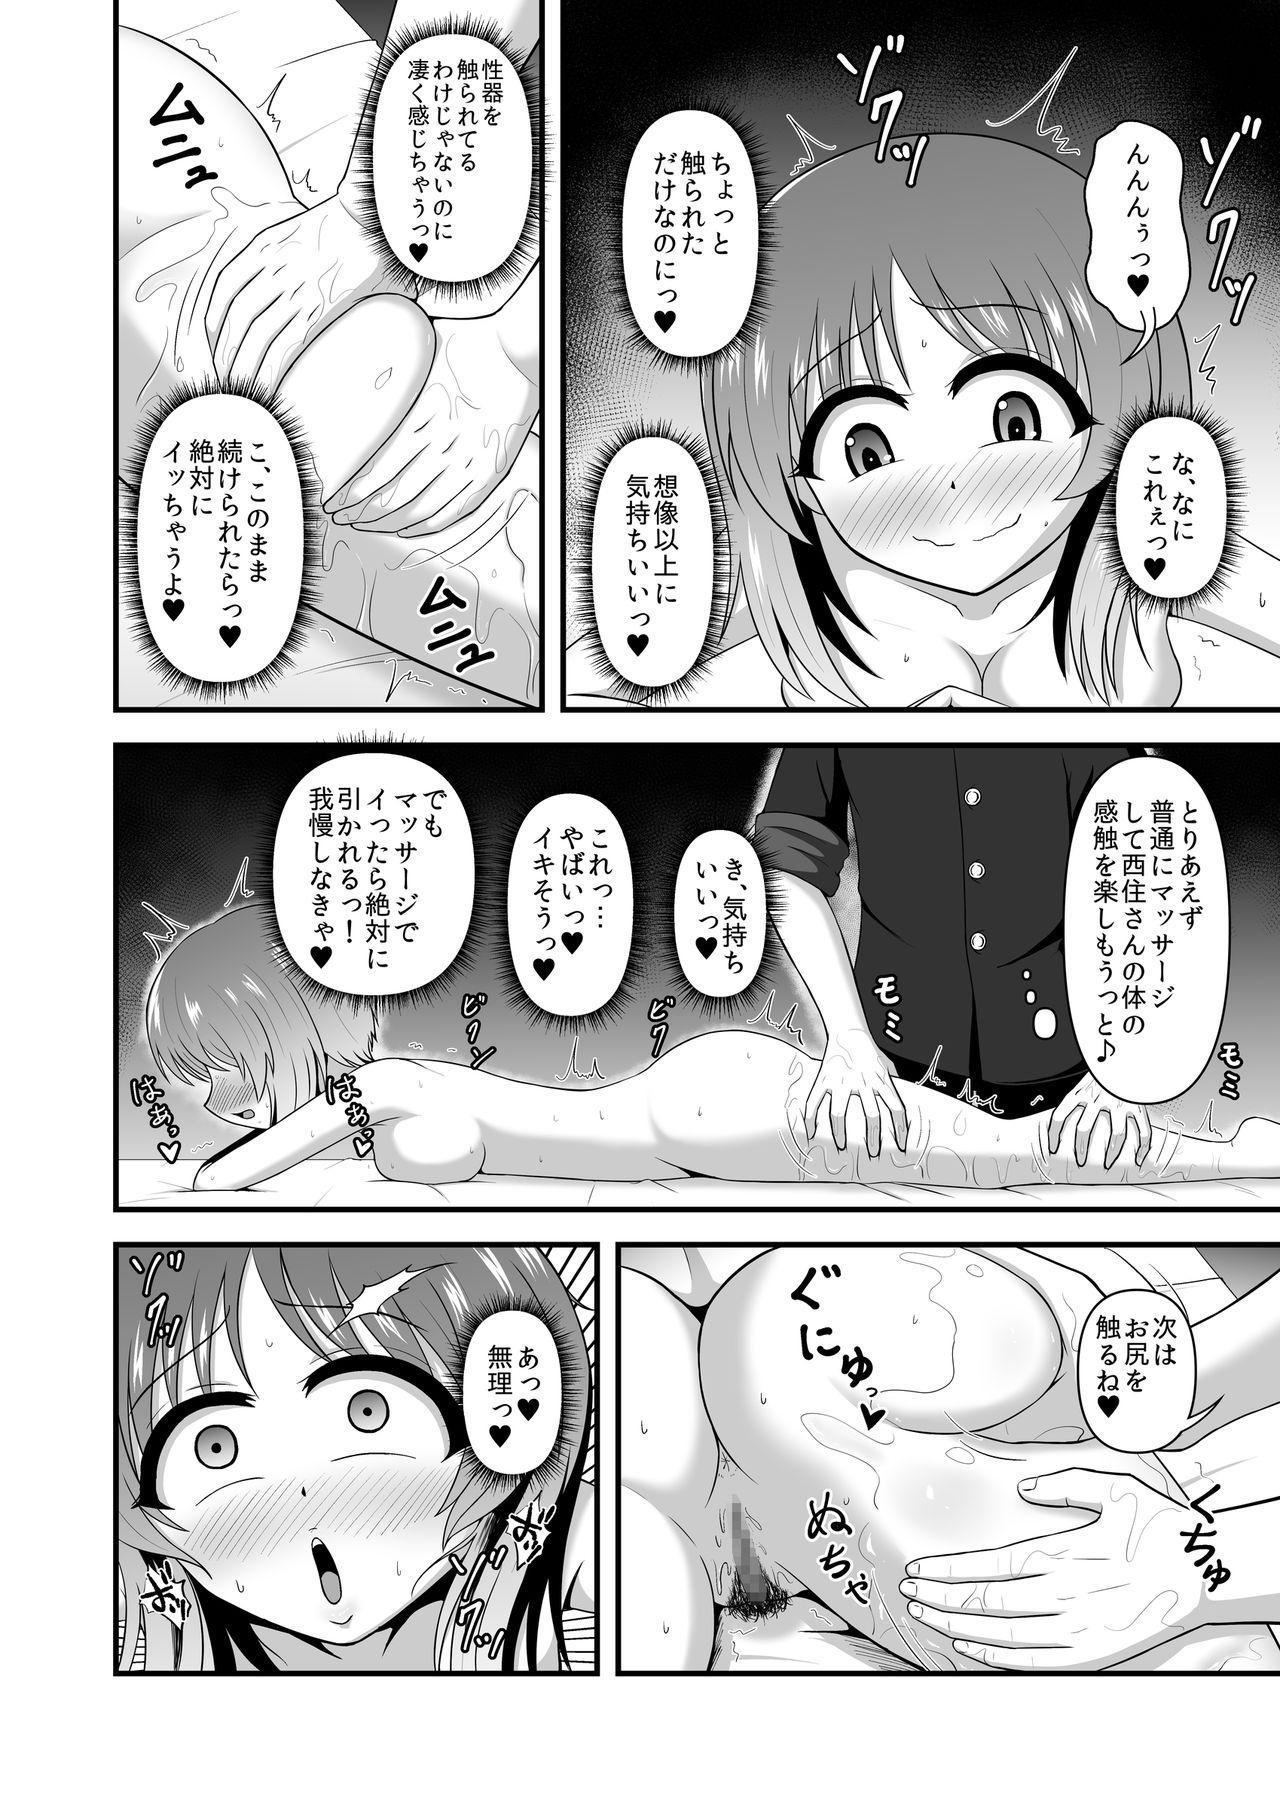 Teisou Gyakuten Abekobe Banashi 3 10